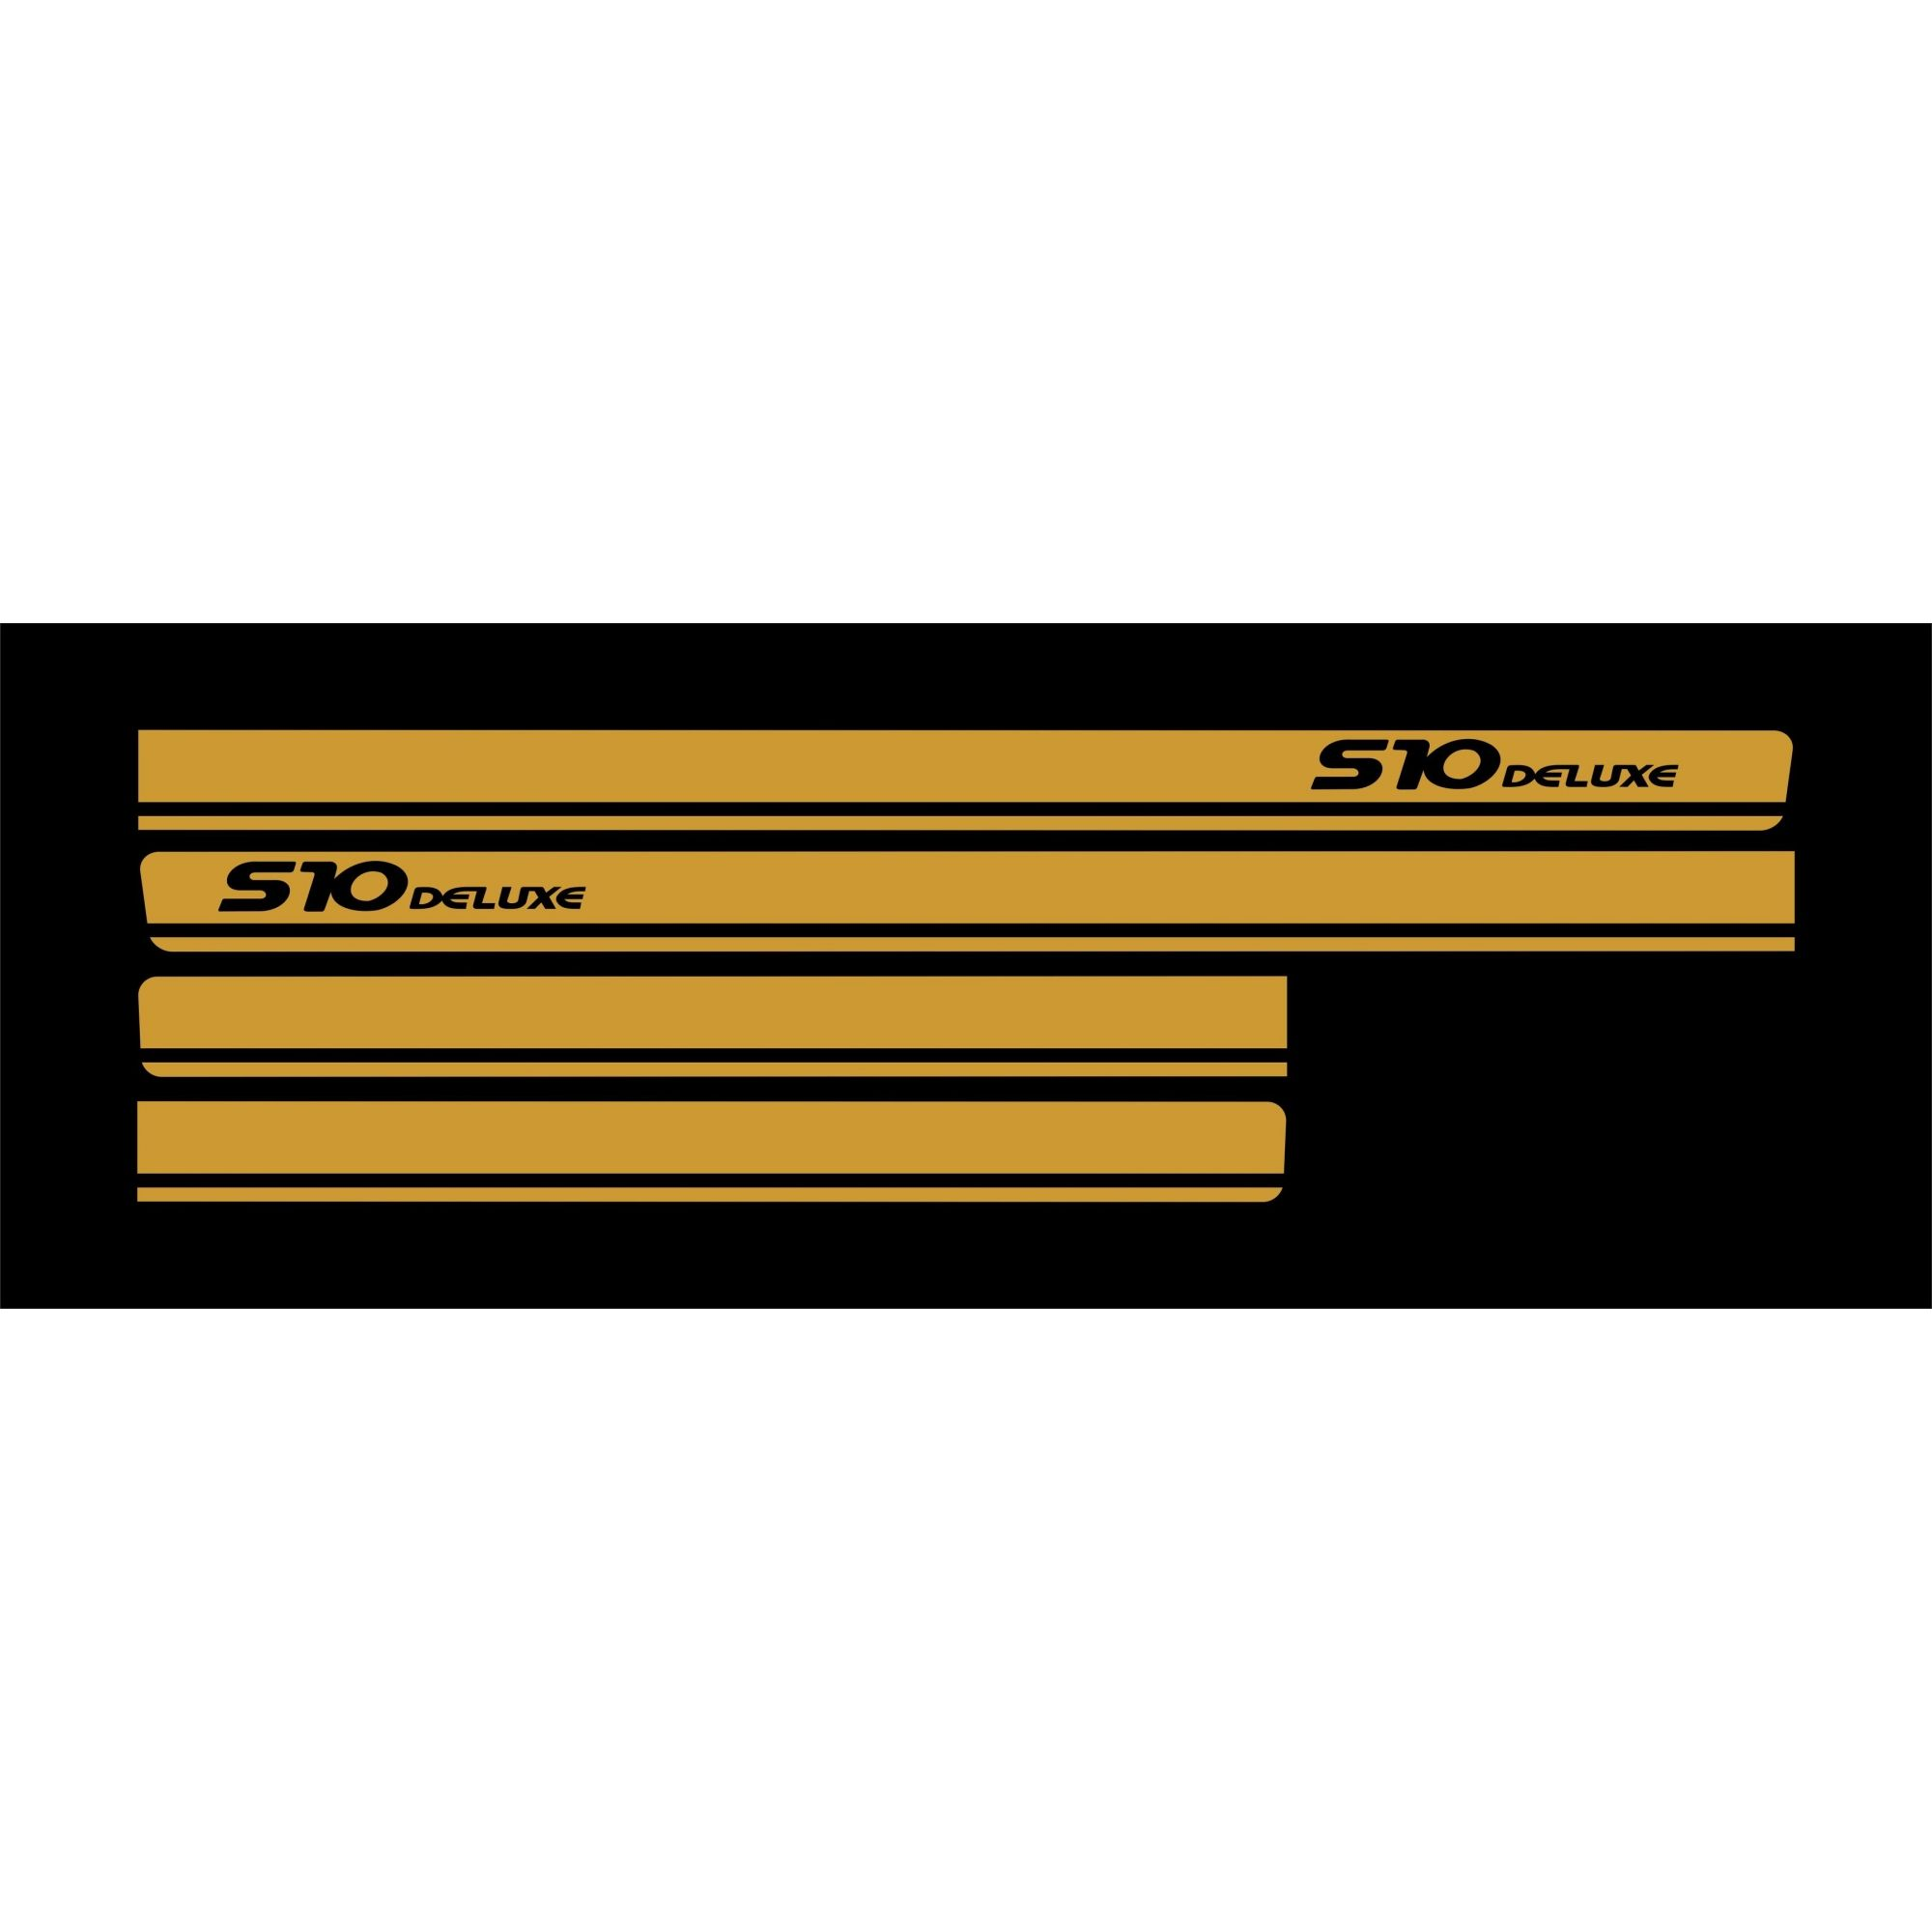 Adesivo Faixa Chevrolet S10 Deluxe Dourado S10p12